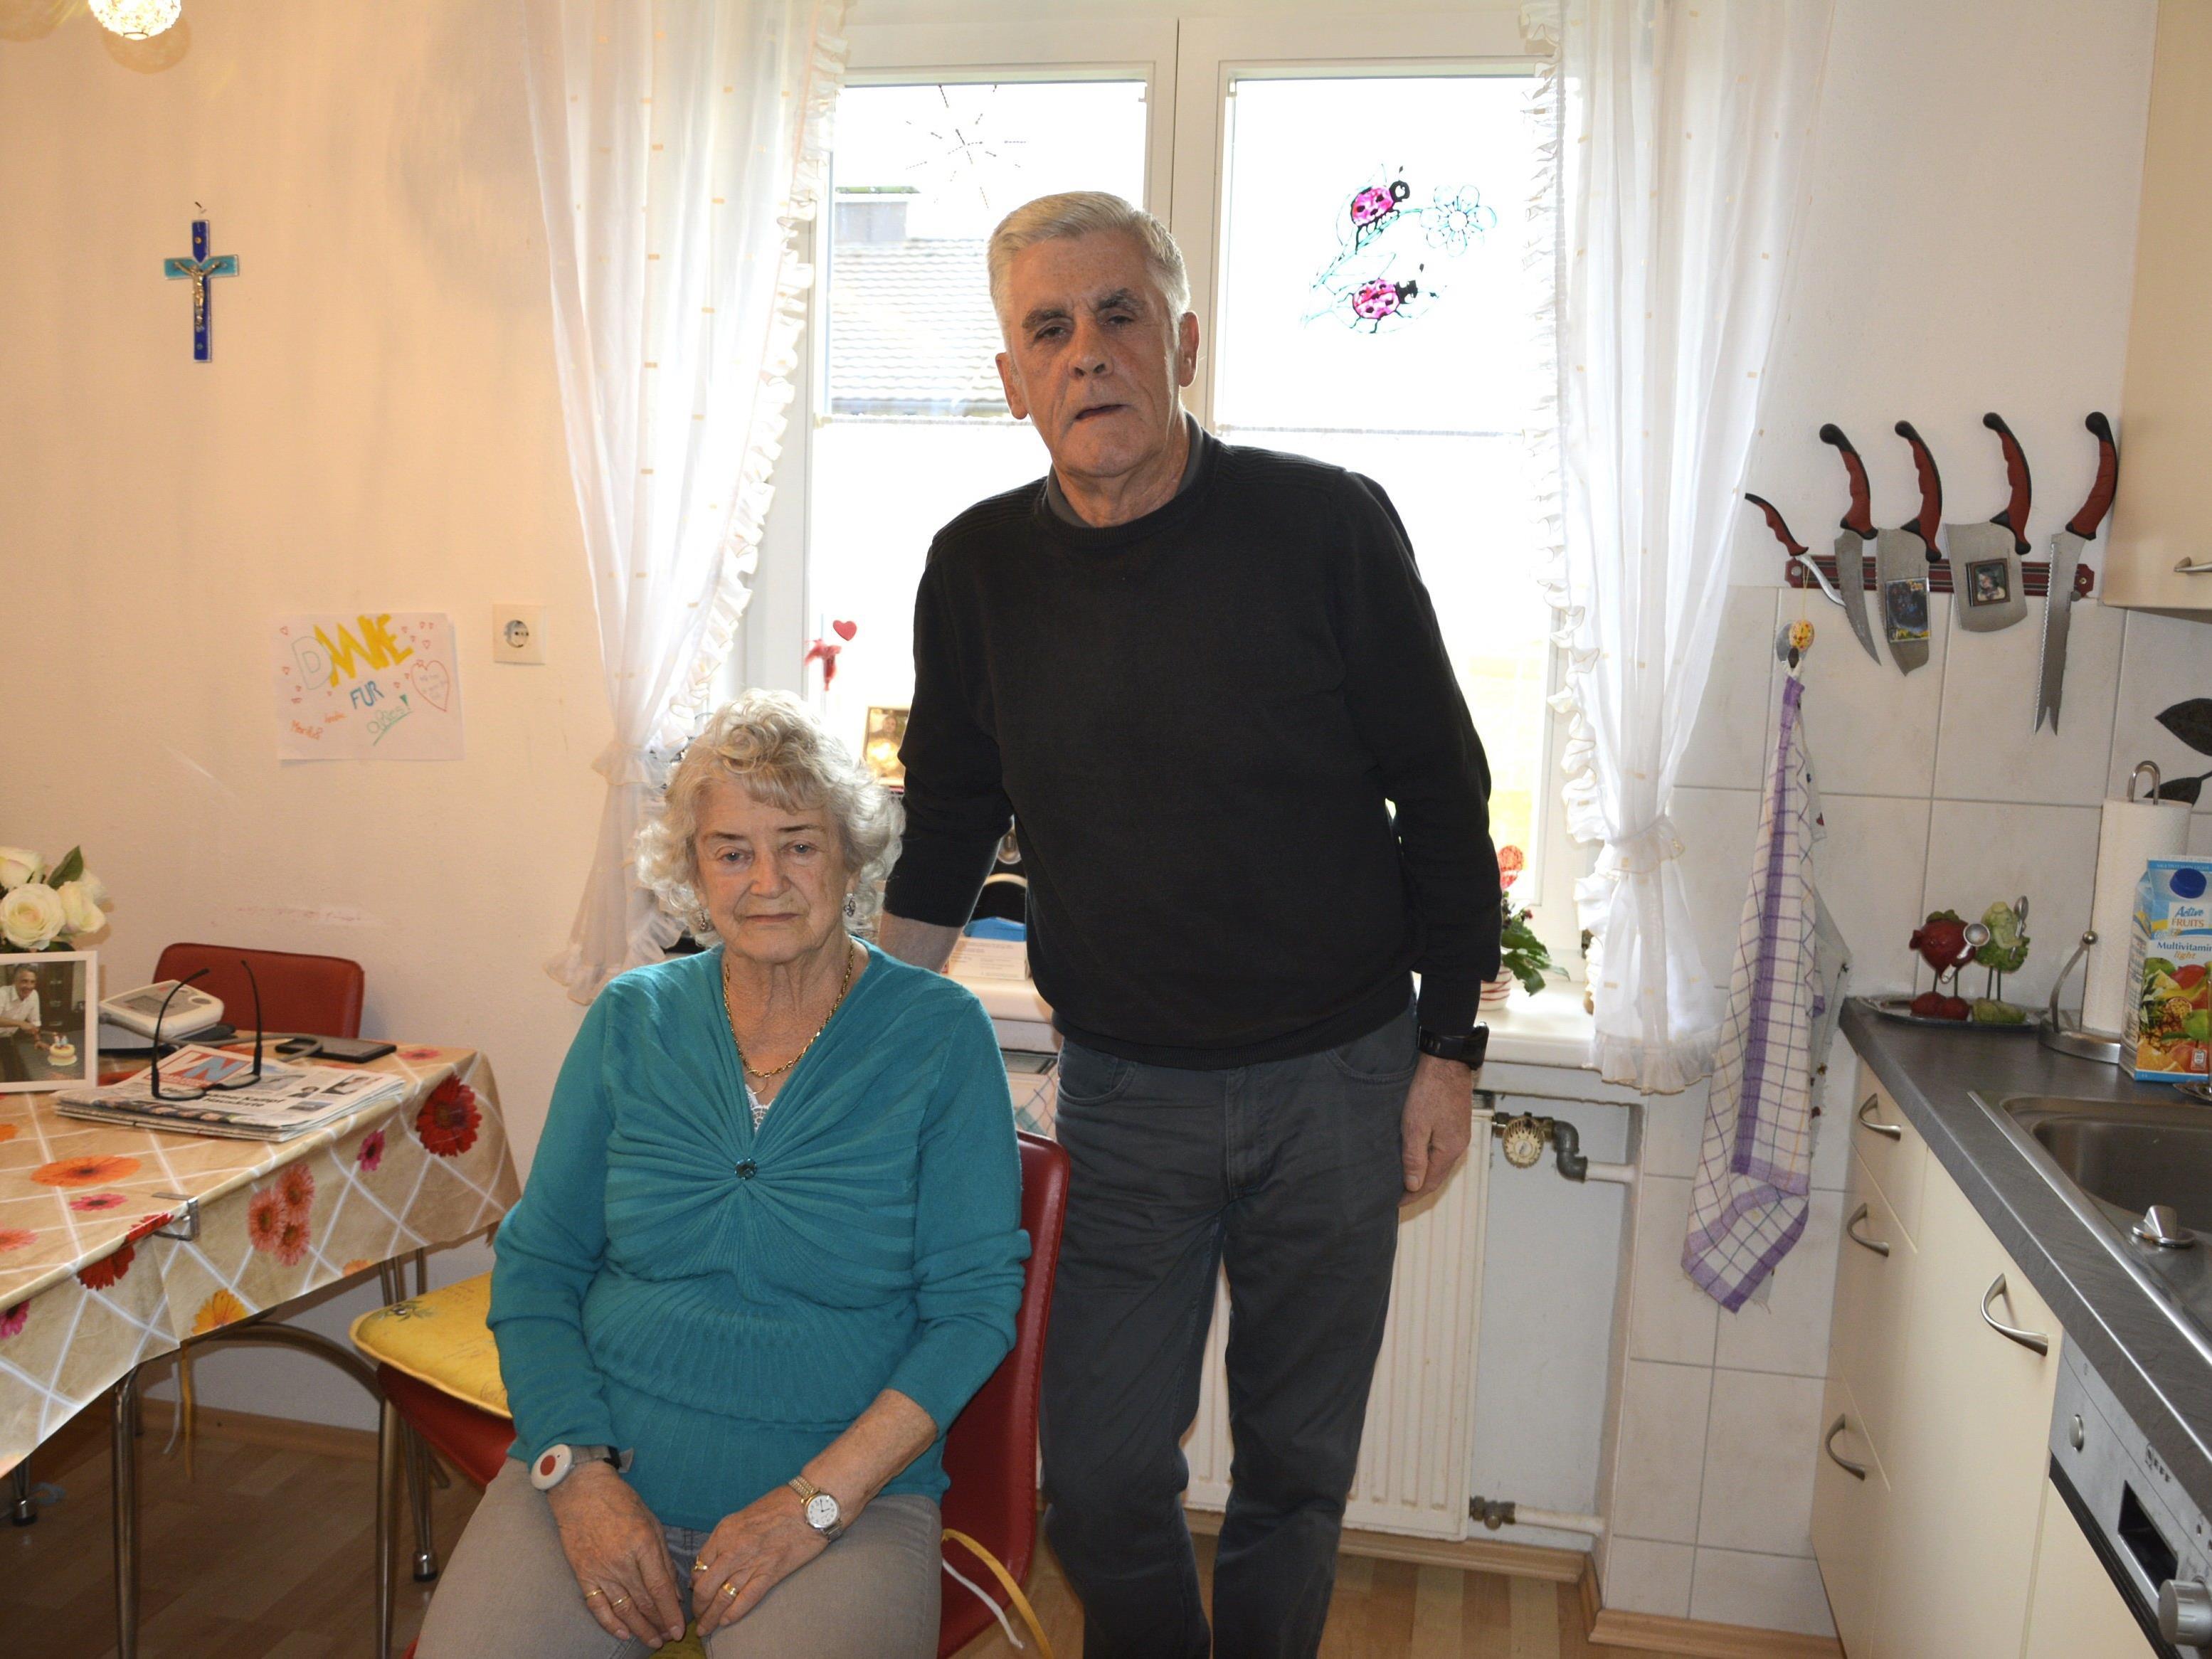 John Hume ist seit 33 Jahren in Lustenau. Hedwig Stocklasa ist eine seiner Klientinnen, die er betreut.